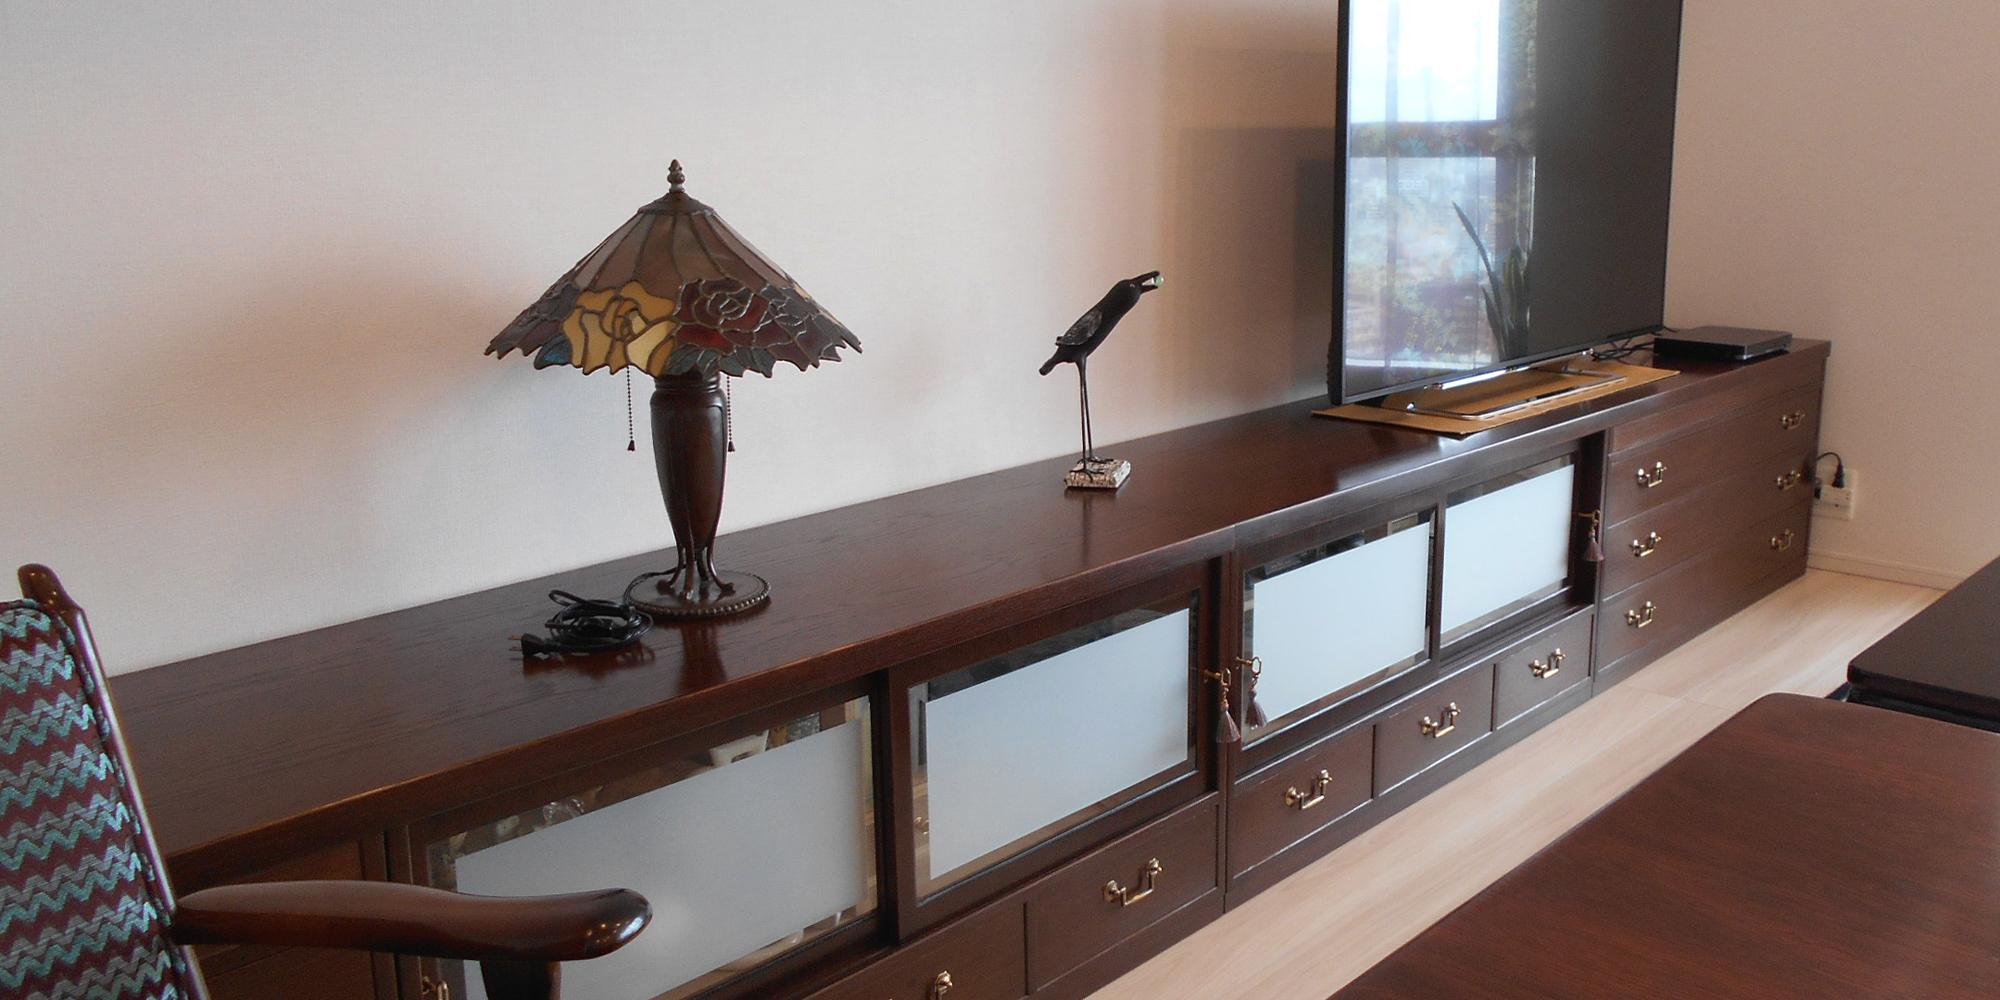 桐箪笥リメイク|アンティーク塗装|テレビボード